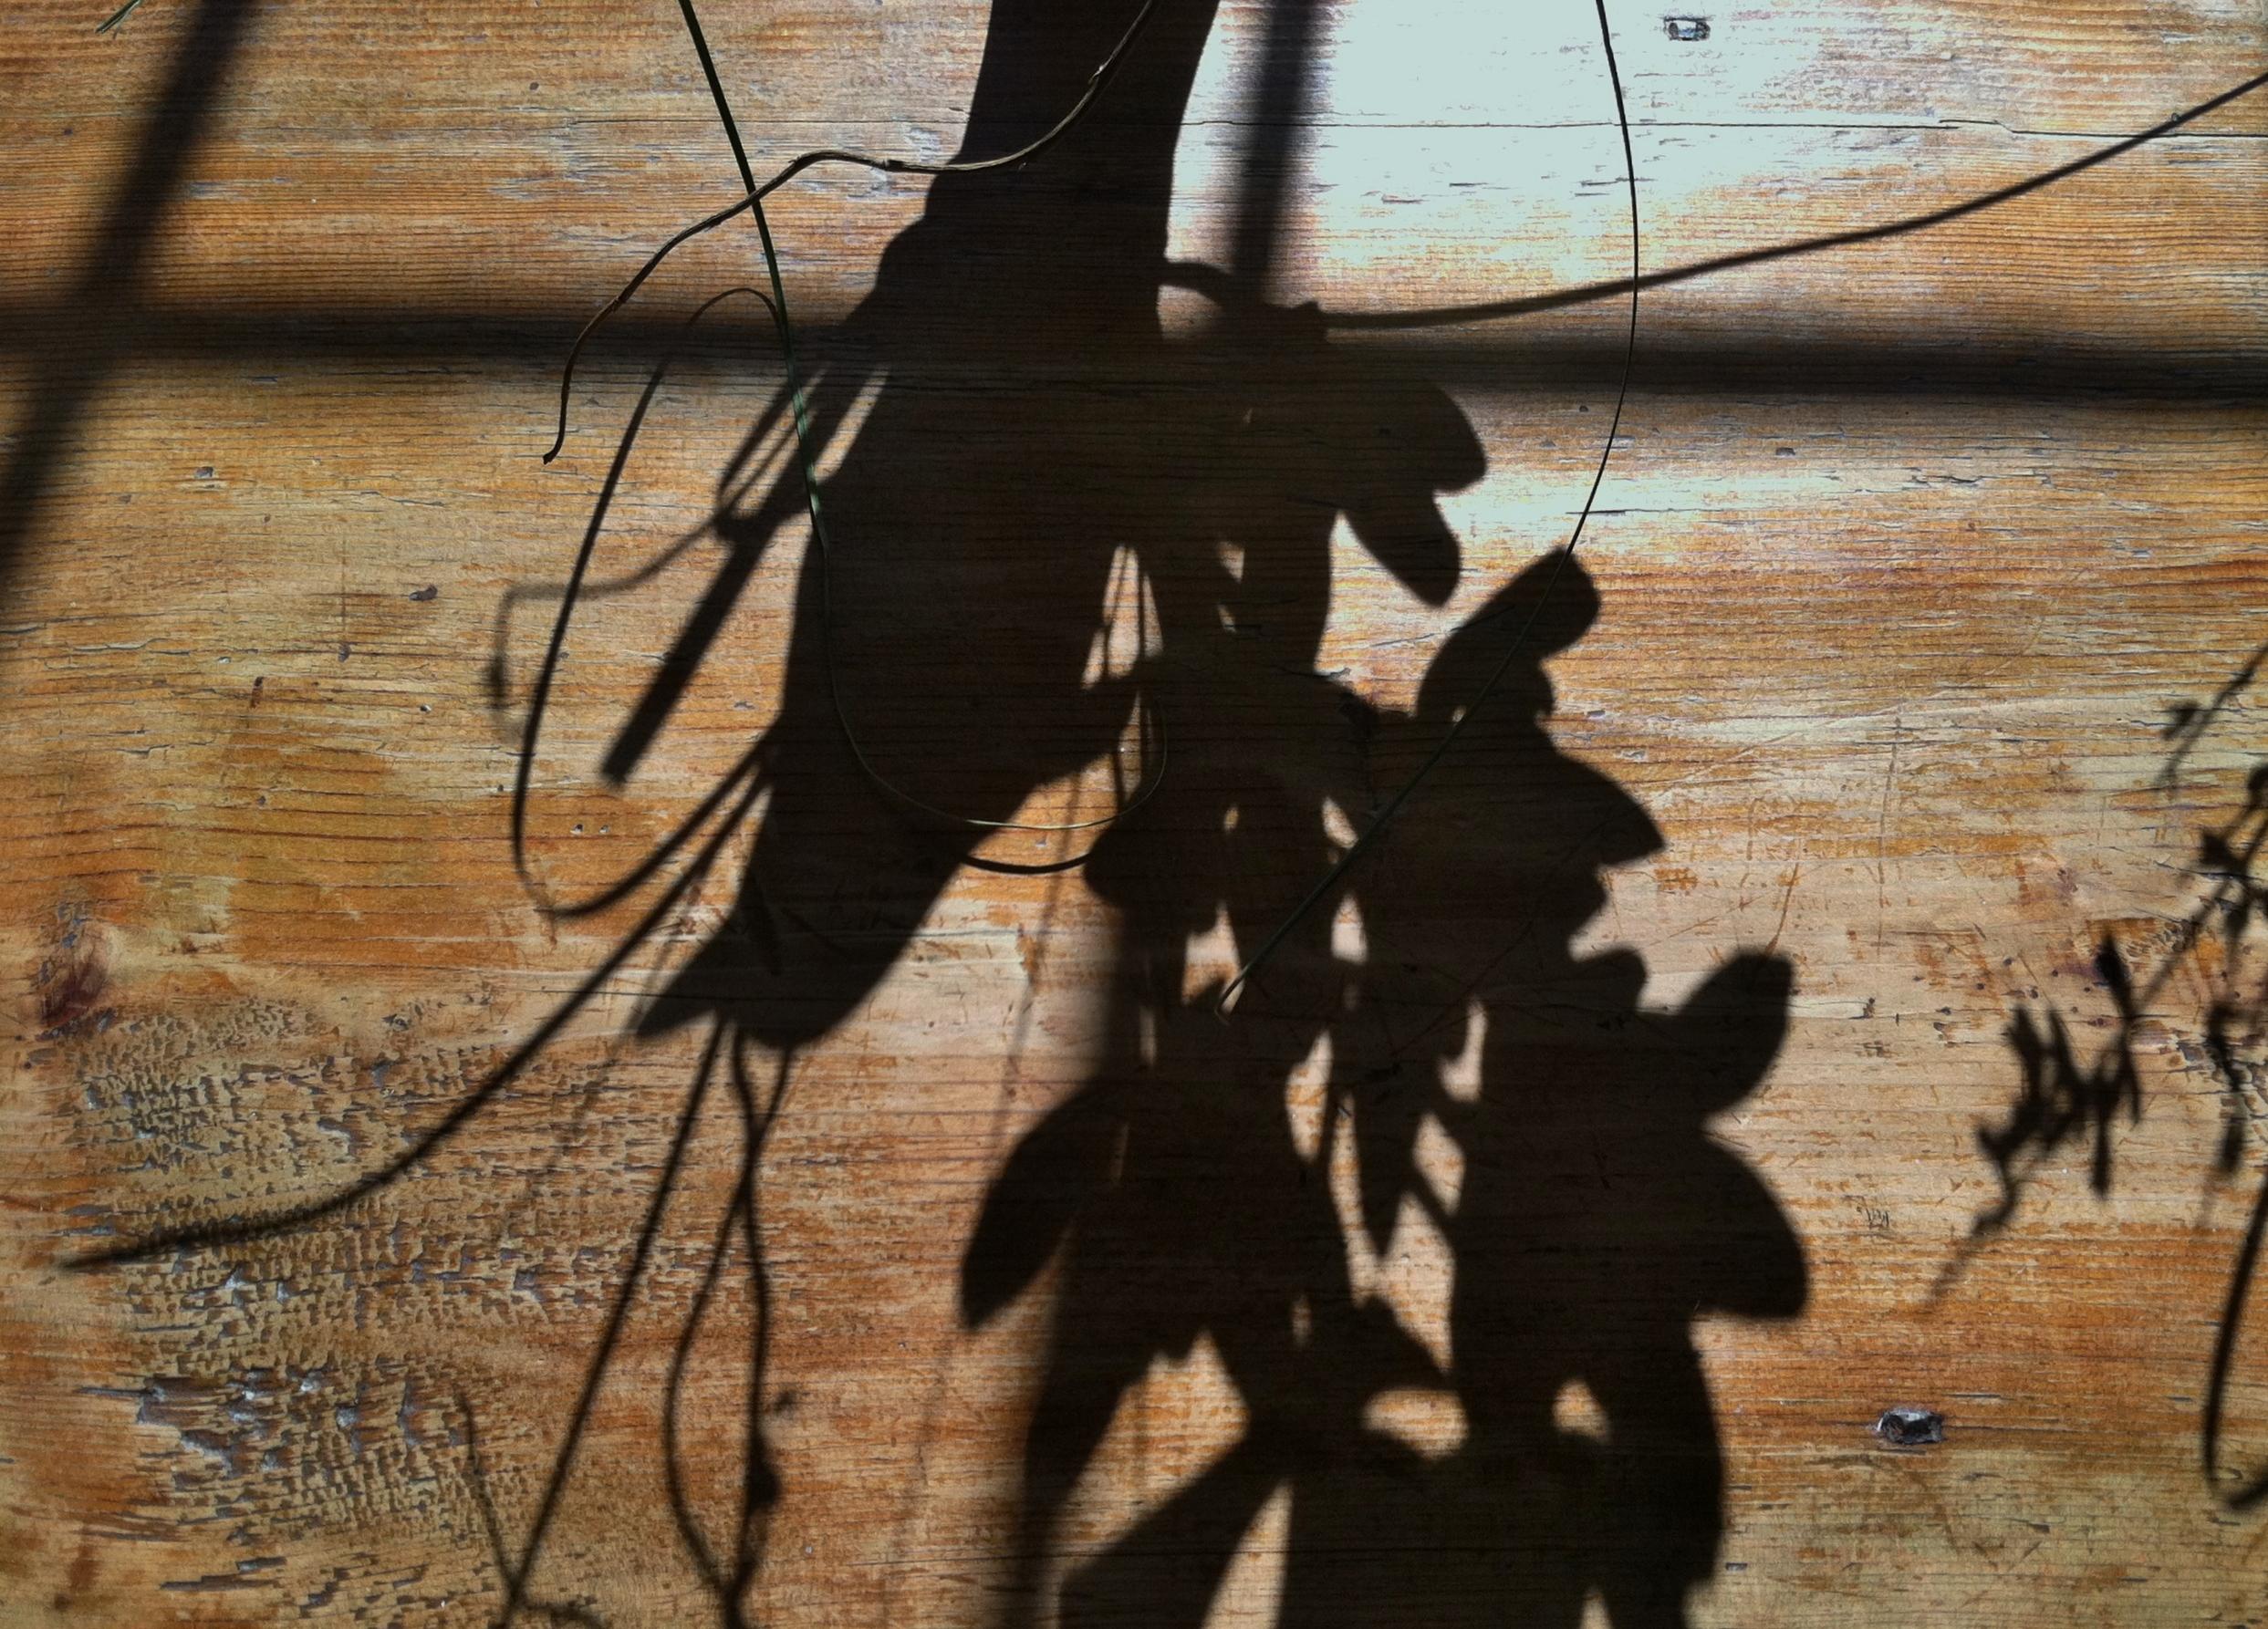 Shadow arrangements